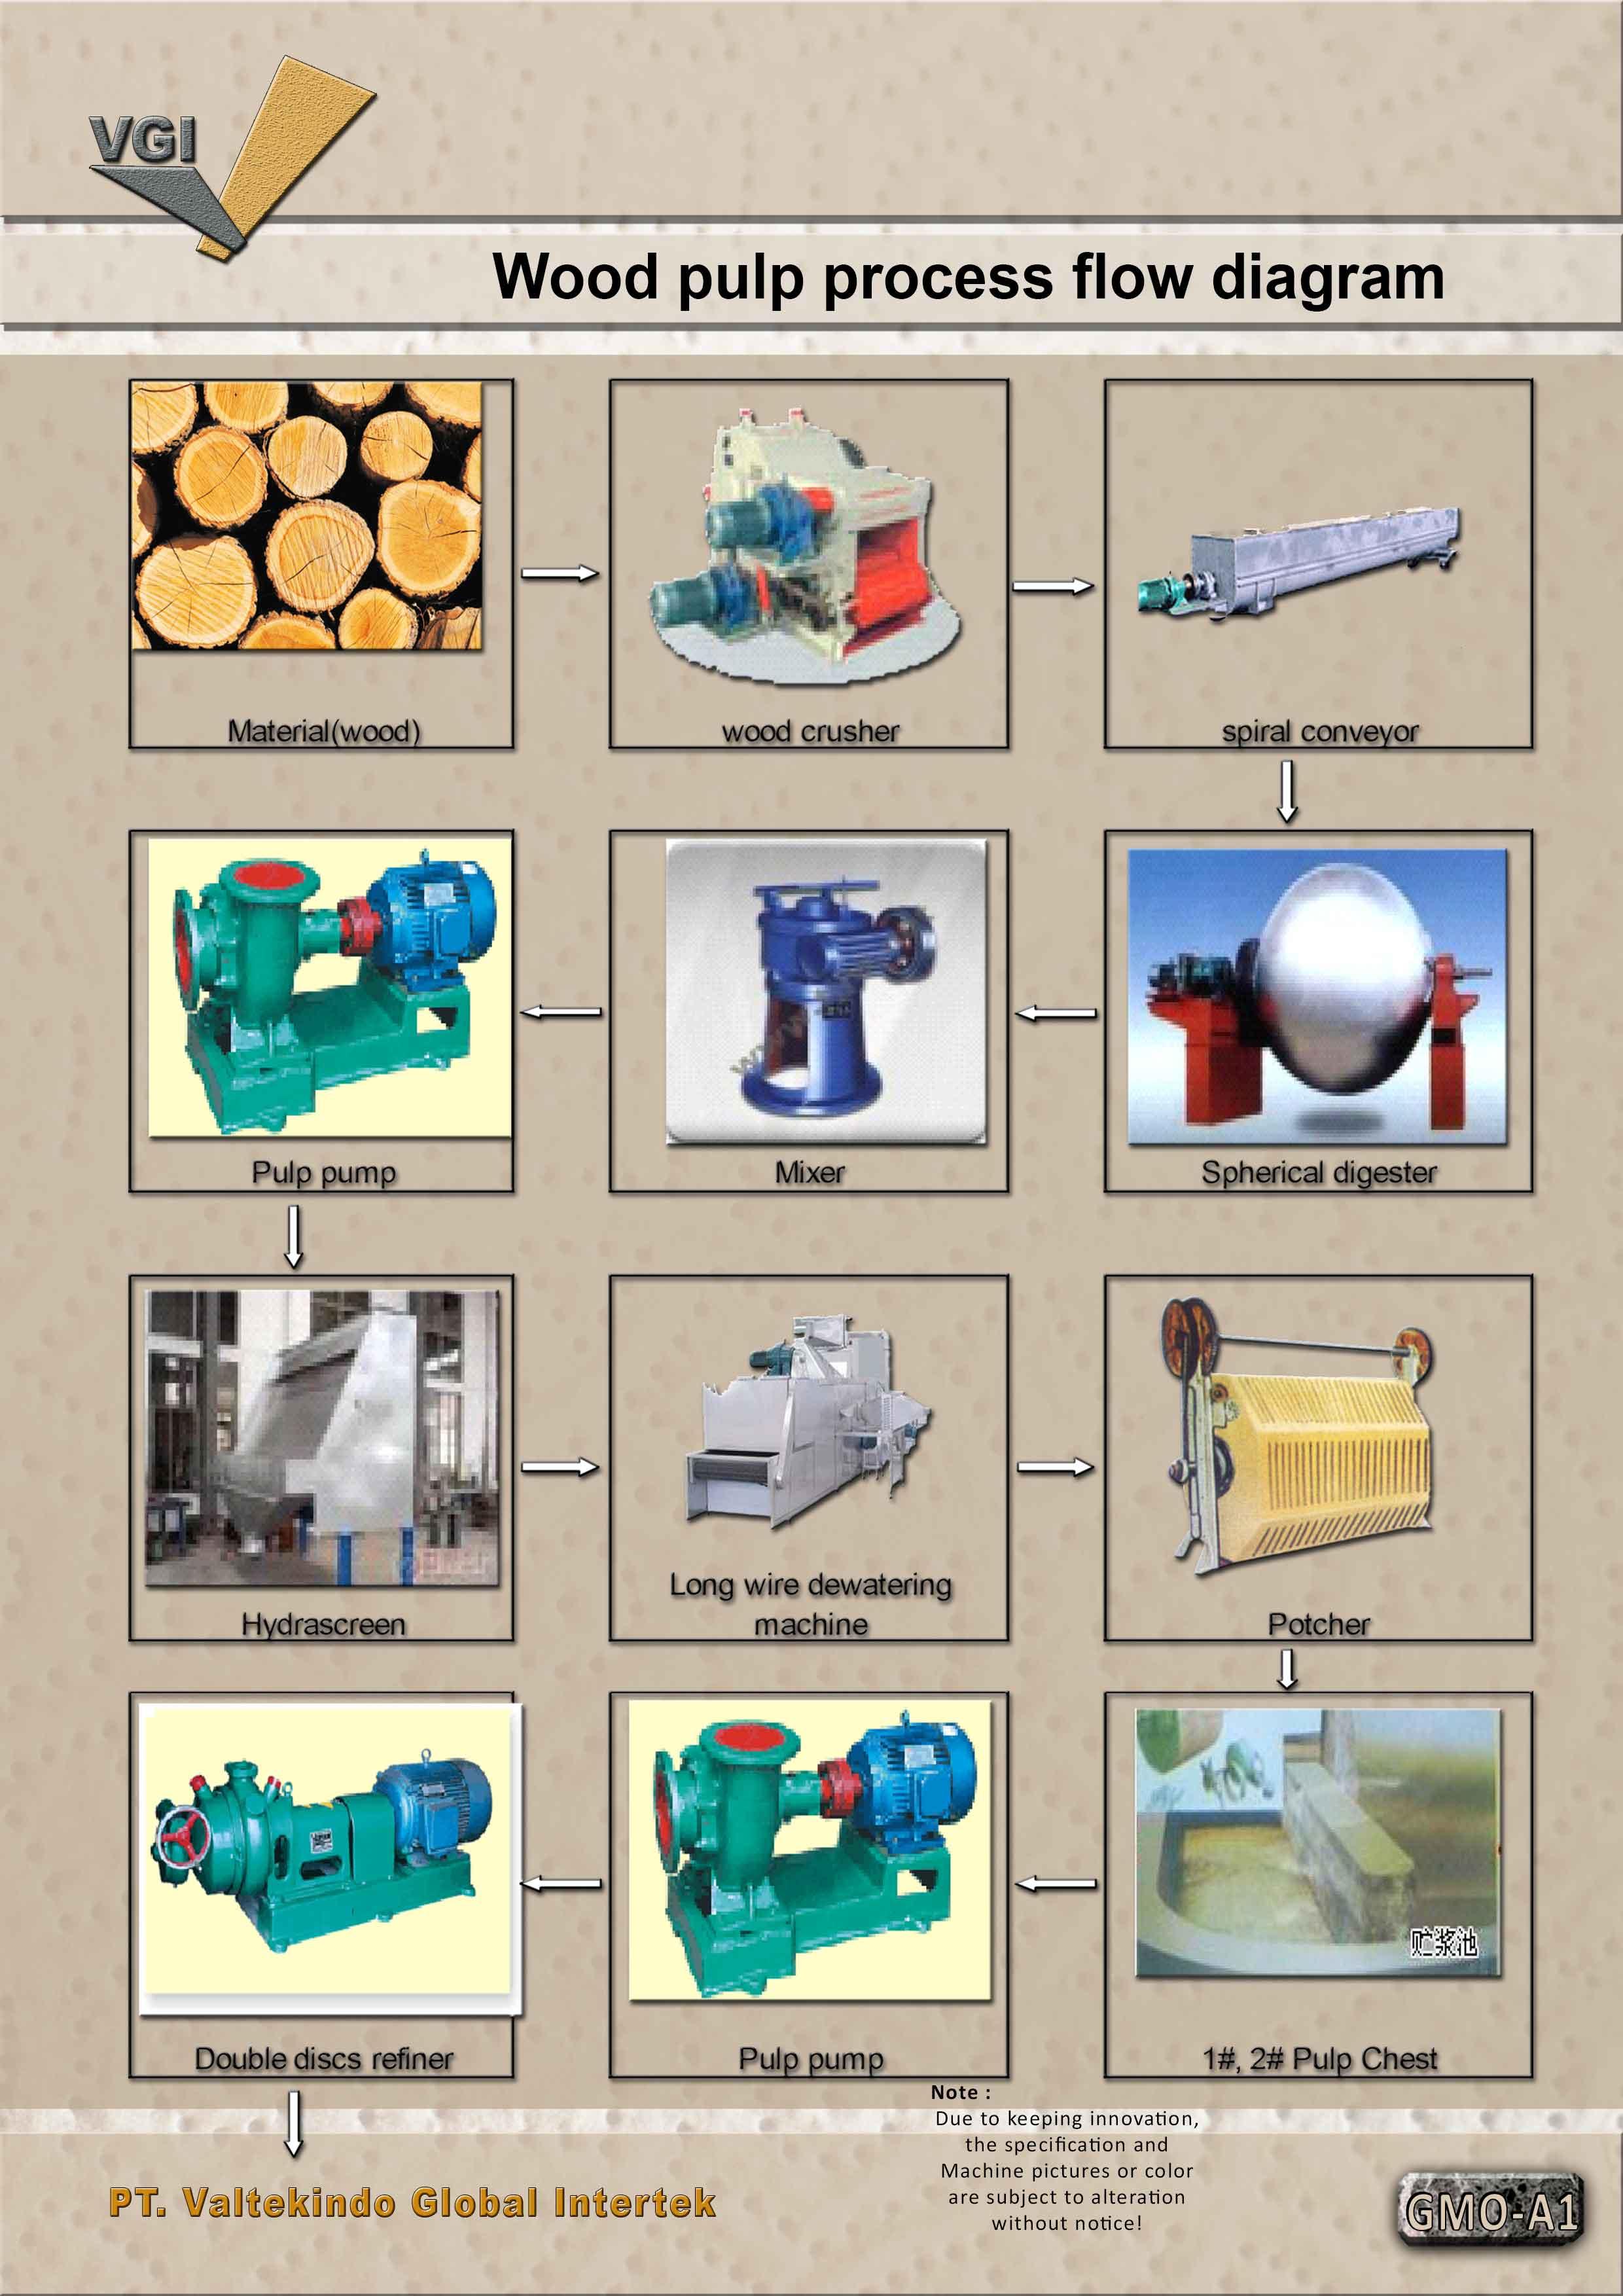 jual mesin Wood pulp process flow diagram 1 Wood pulp process flow diagram 1